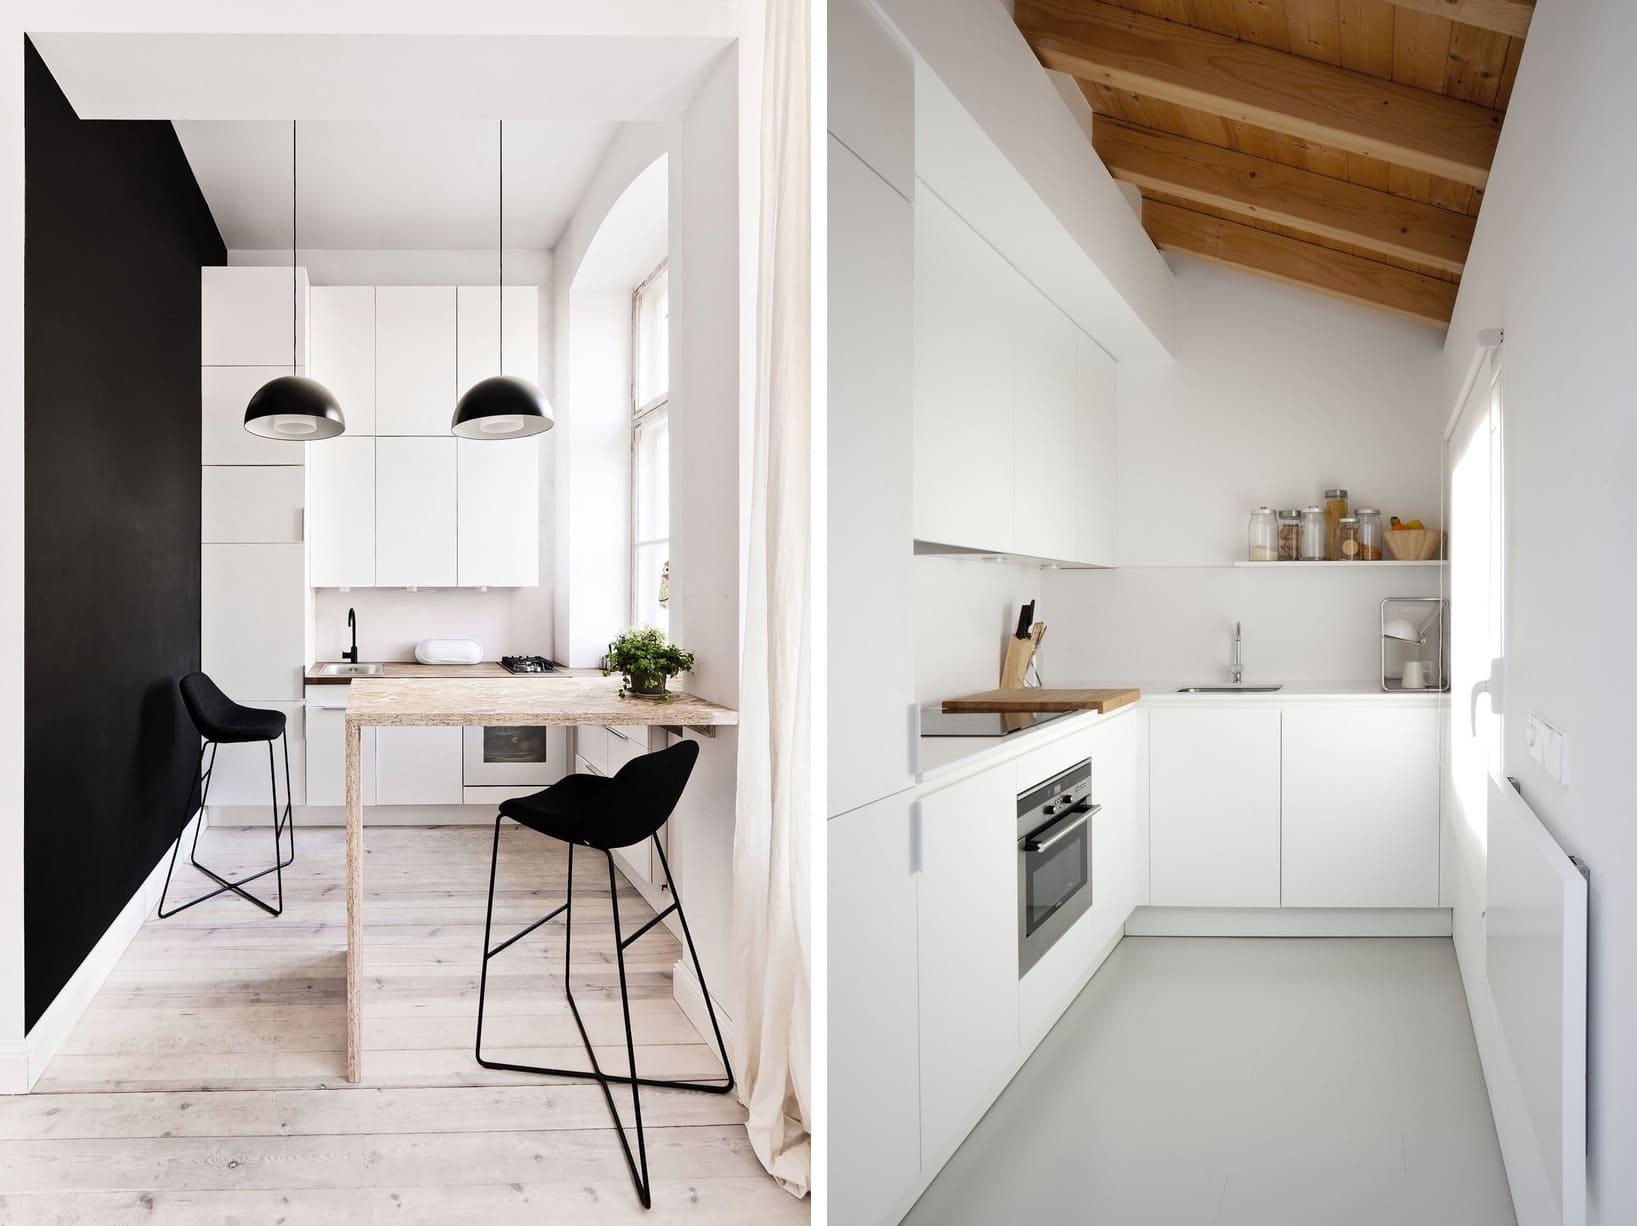 Откидная столешница закрепленная к стене позволит сохранить больше свободного места на узкой кухне